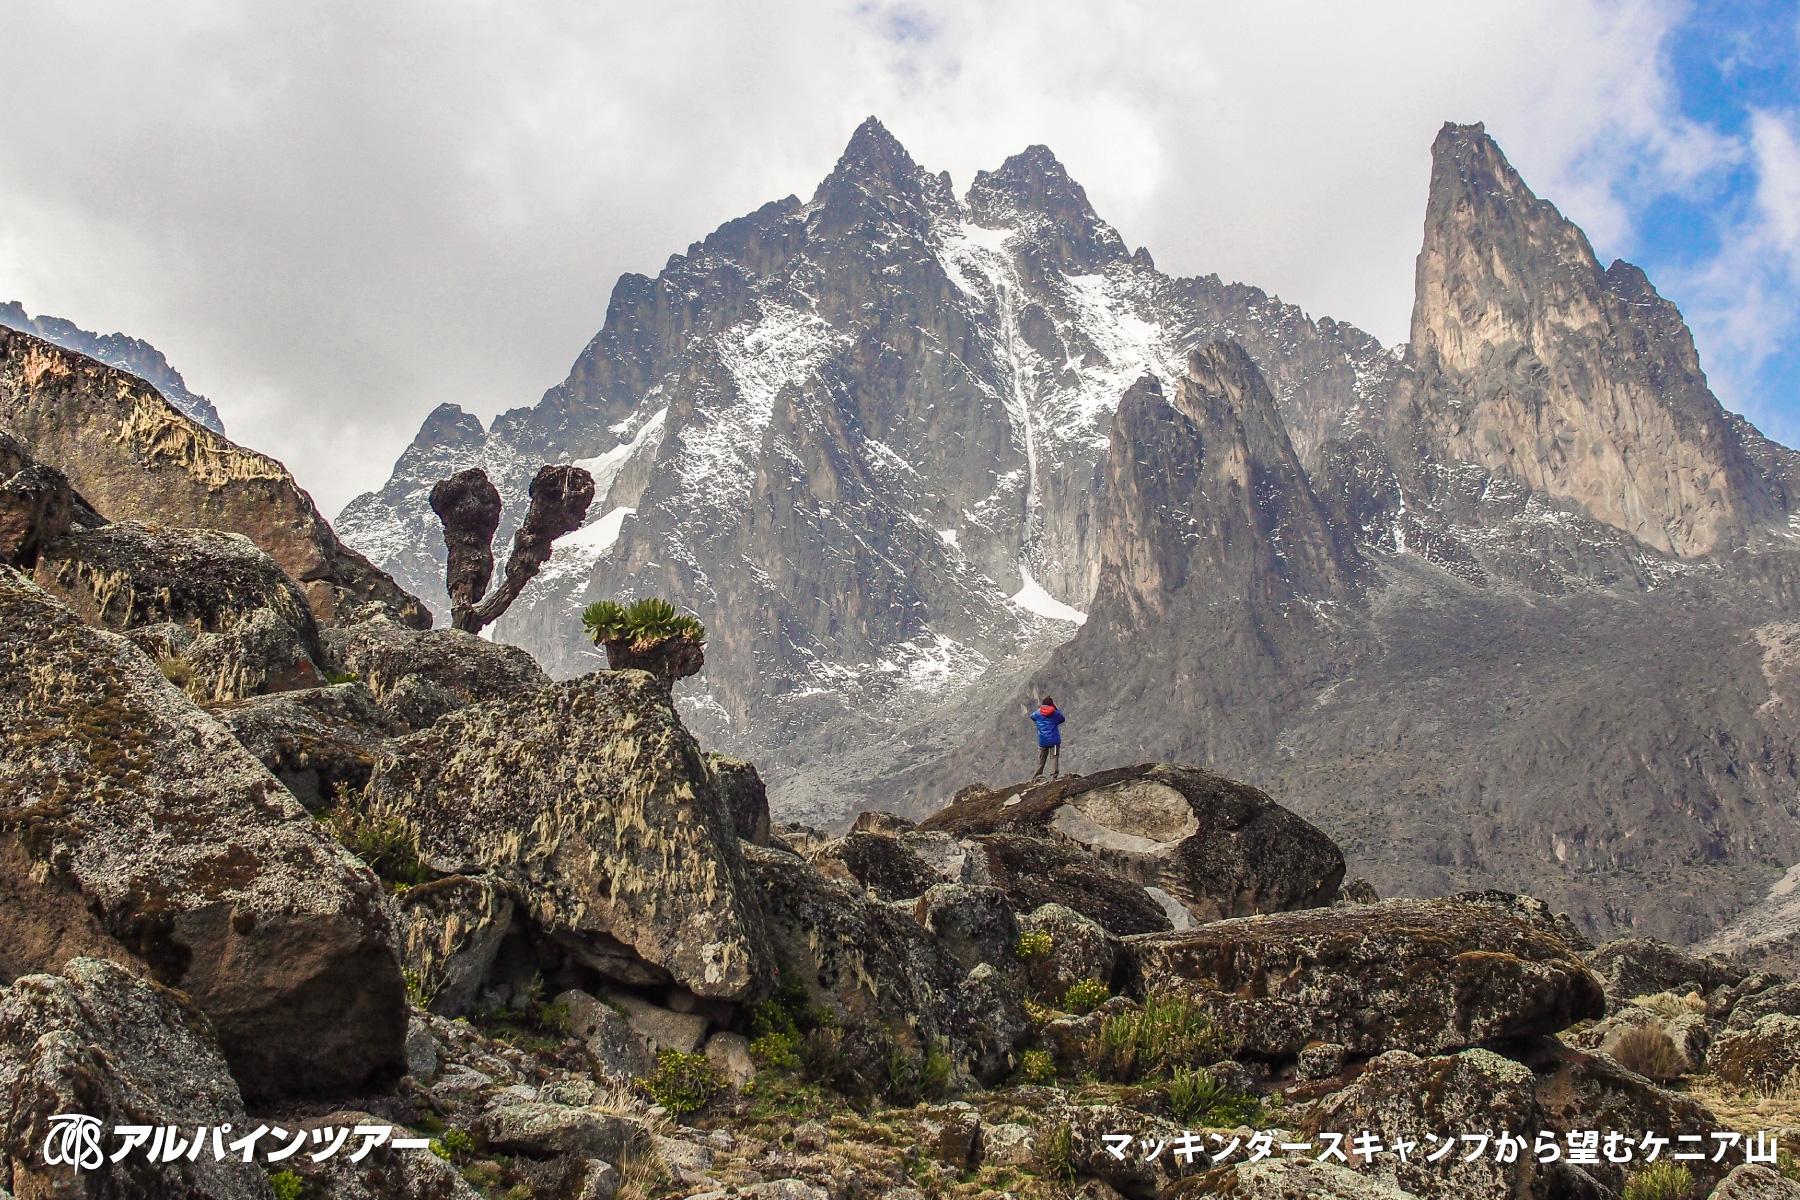 【今日の名峰】 ケニア山(5,199m)